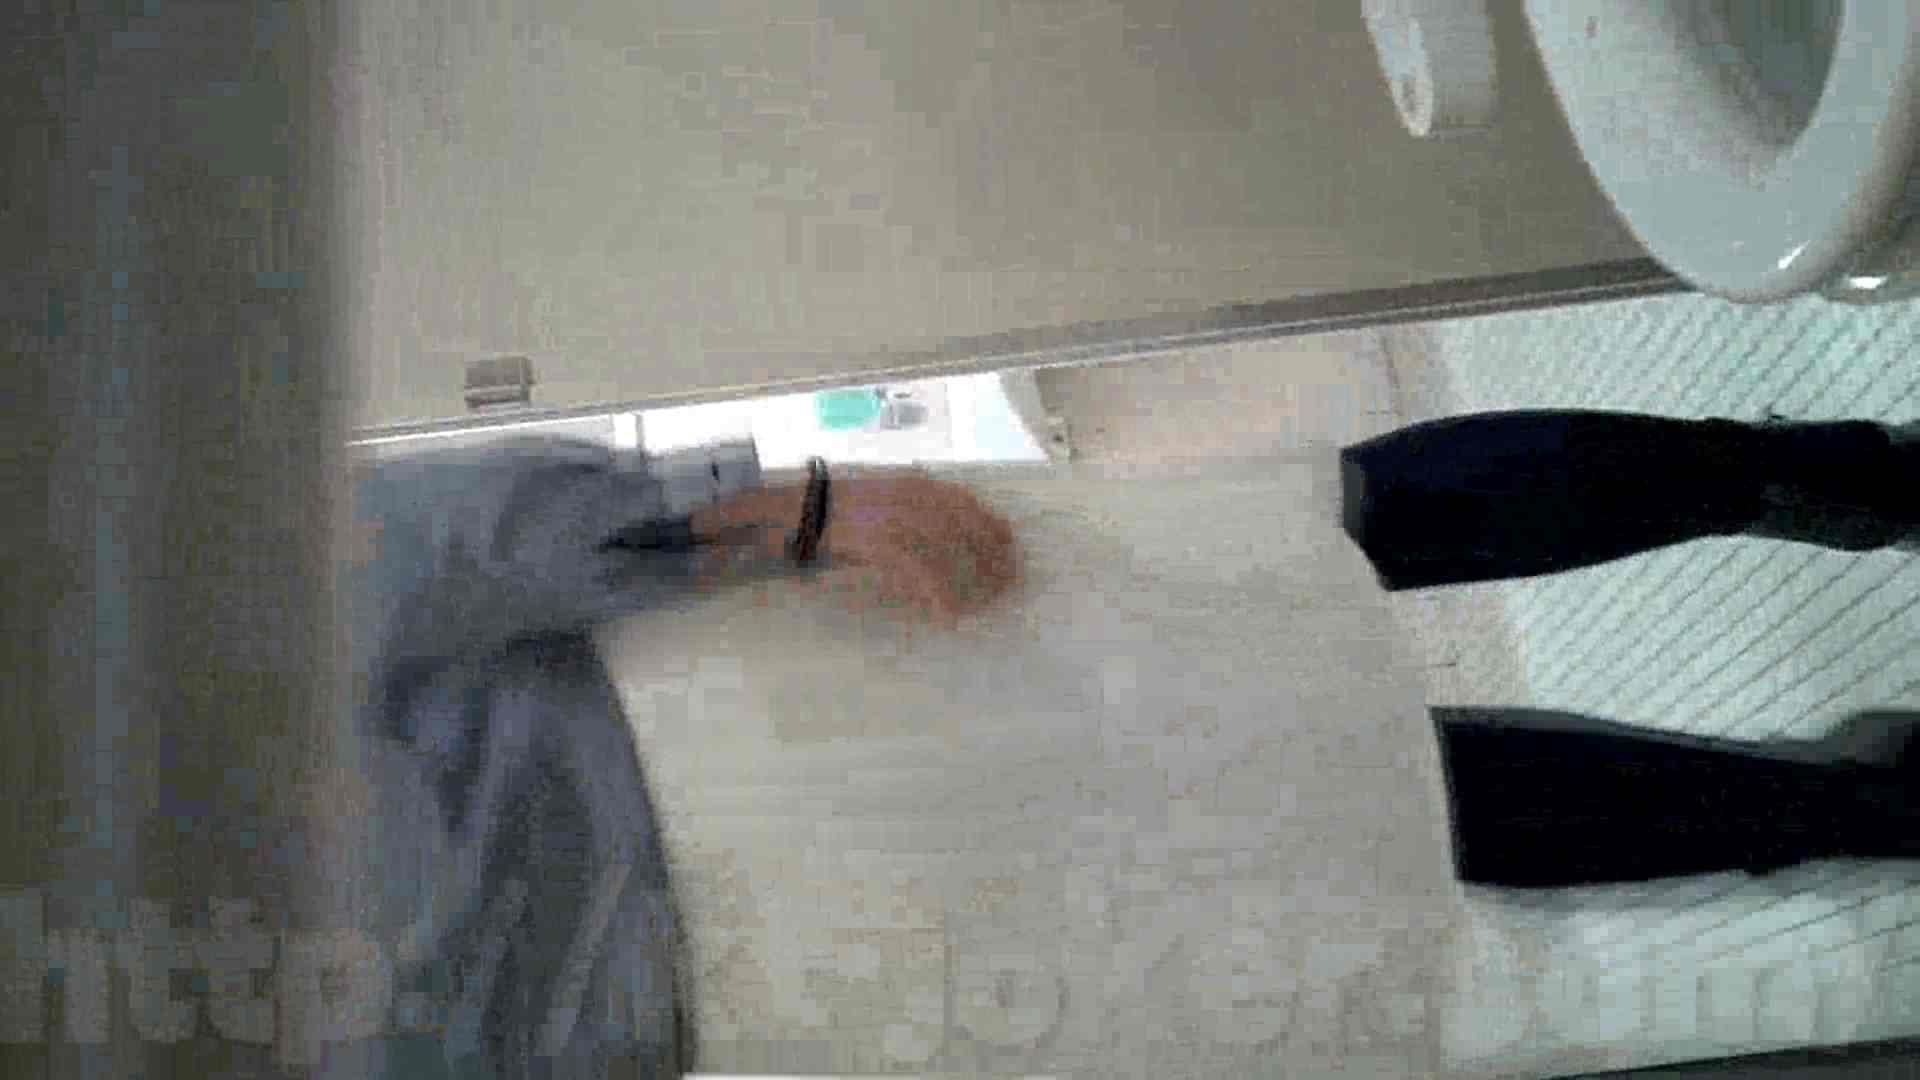 某有名大学女性洗面所 vol.30 OLハメ撮り  62Pix 45